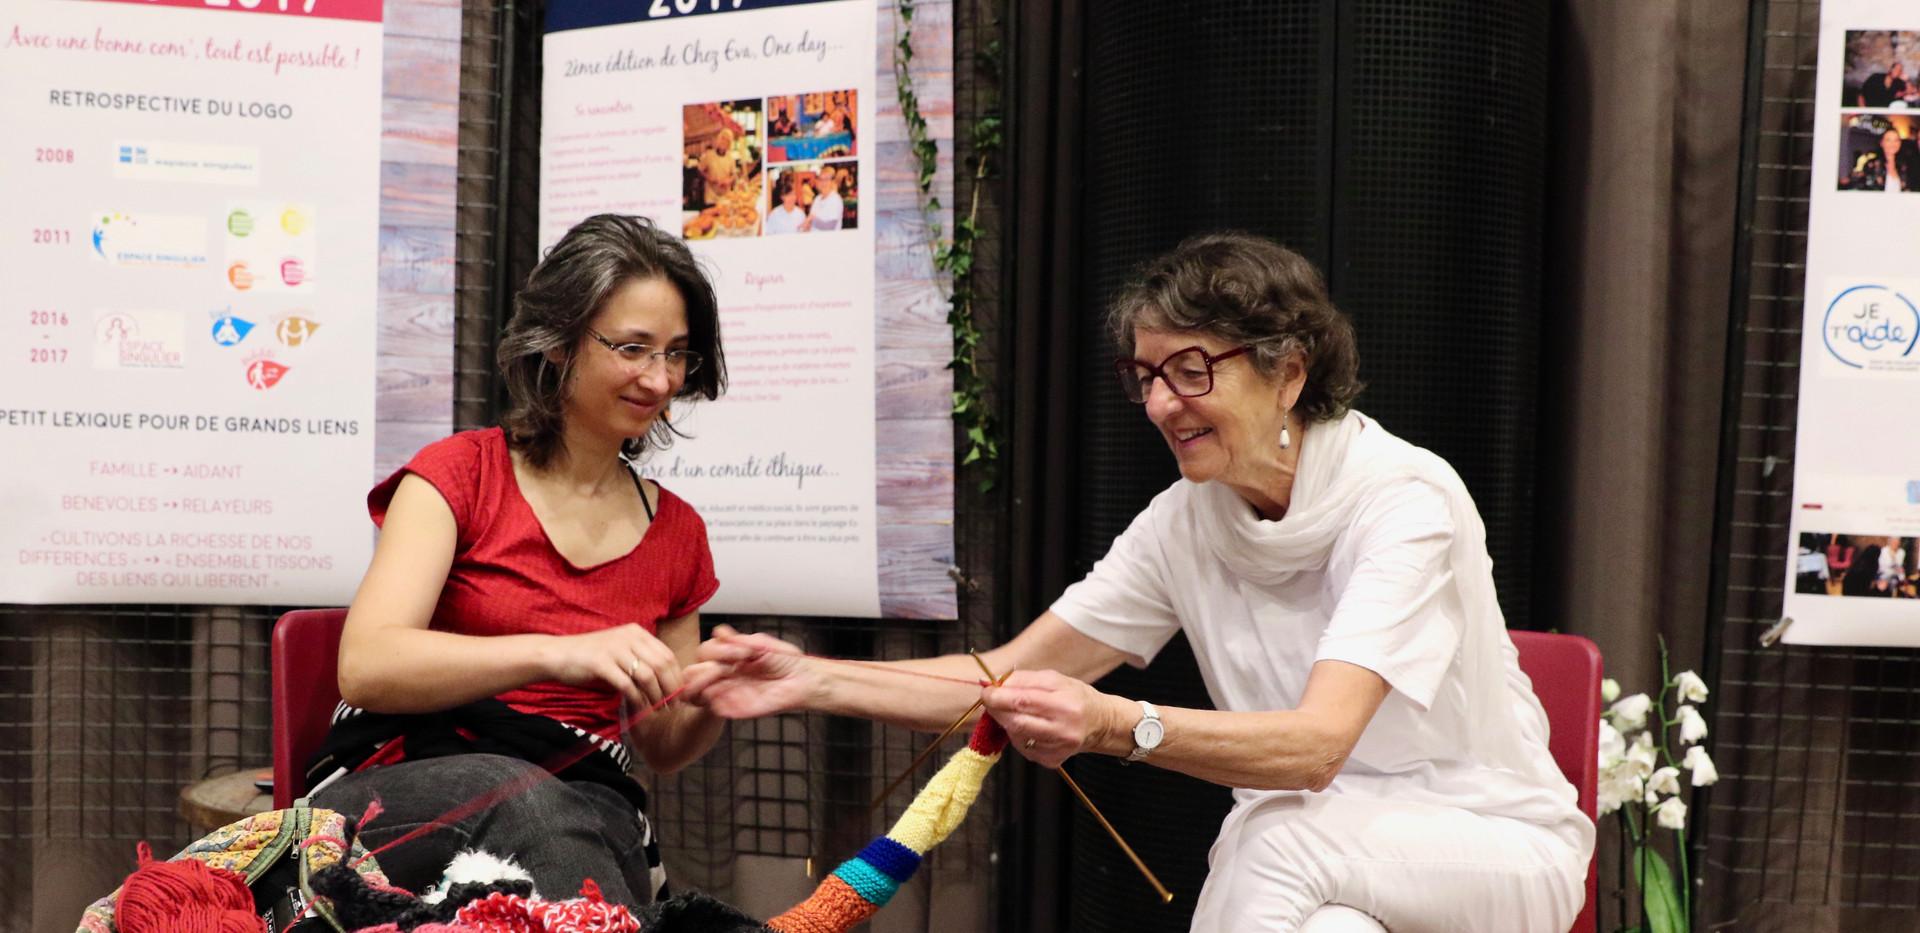 Françoise_tricot_visiteur.jpg